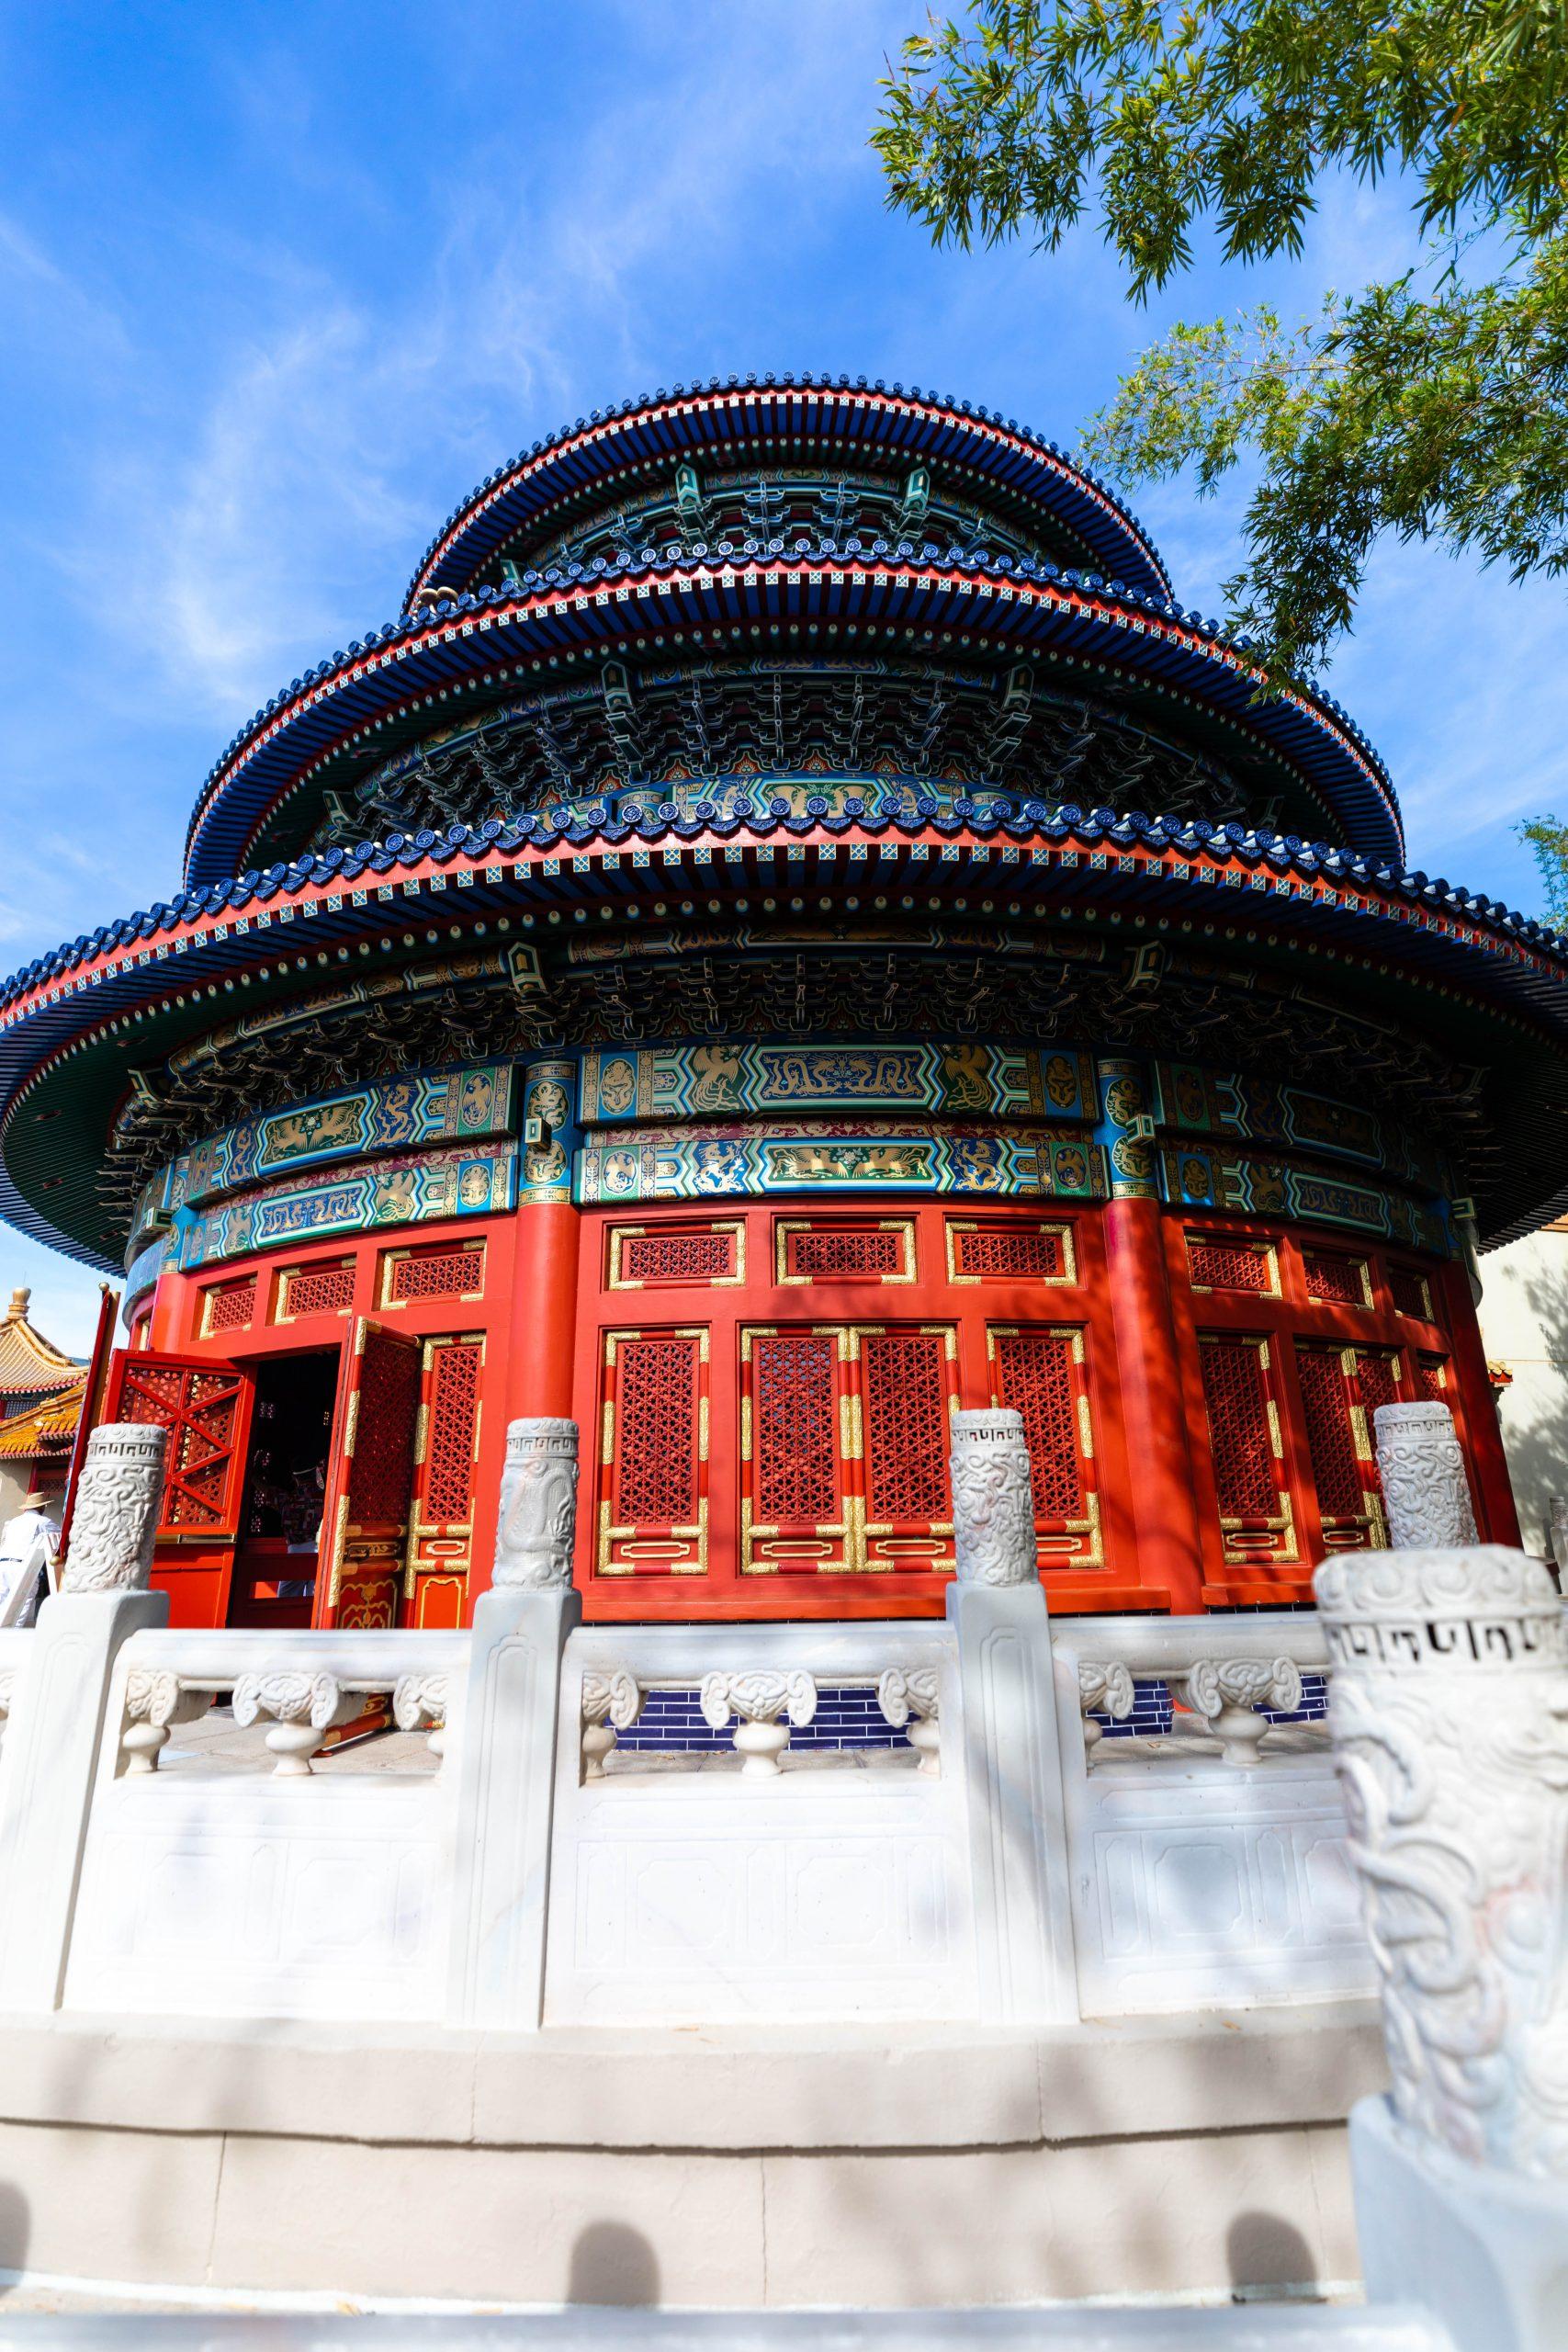 China at Epcot World Showcase Epcot International Flower & Garden Festival by Annie Fairfax